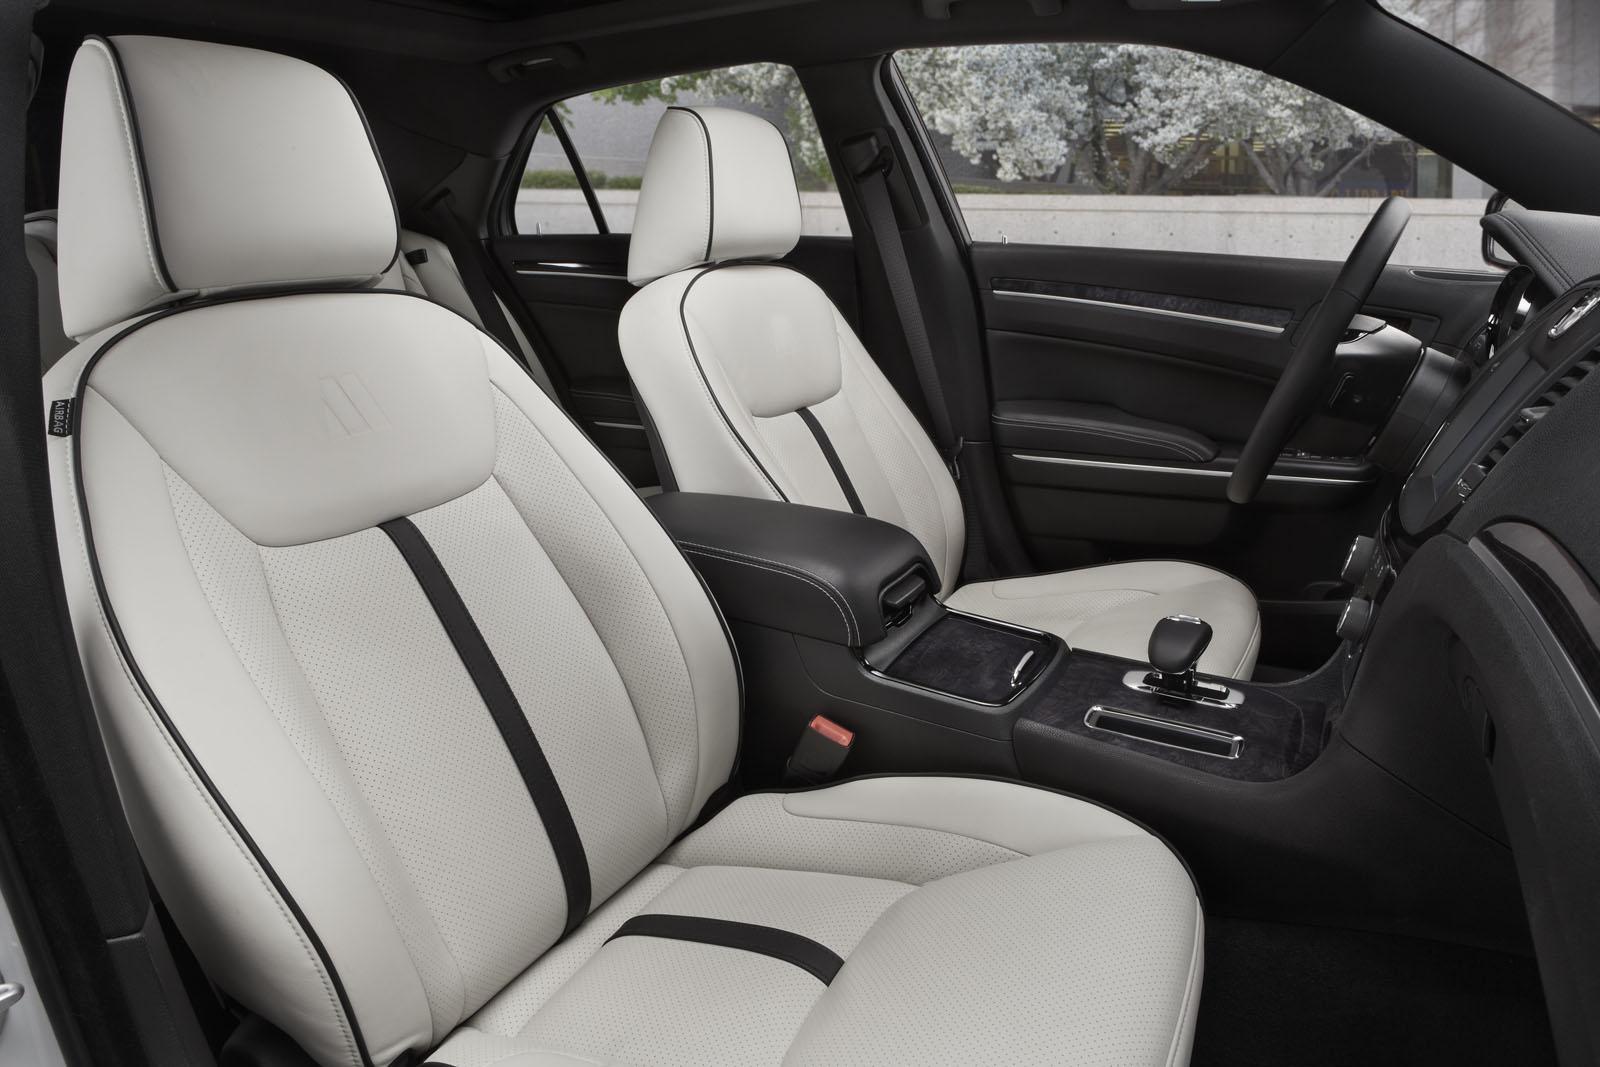 2013 Chrysler 300 Motown Edition Interior Design